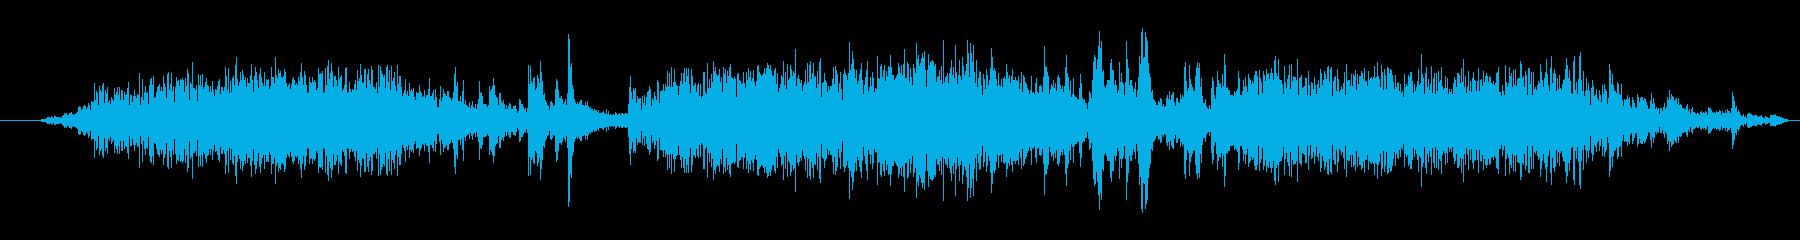 洗濯機が回る音の再生済みの波形